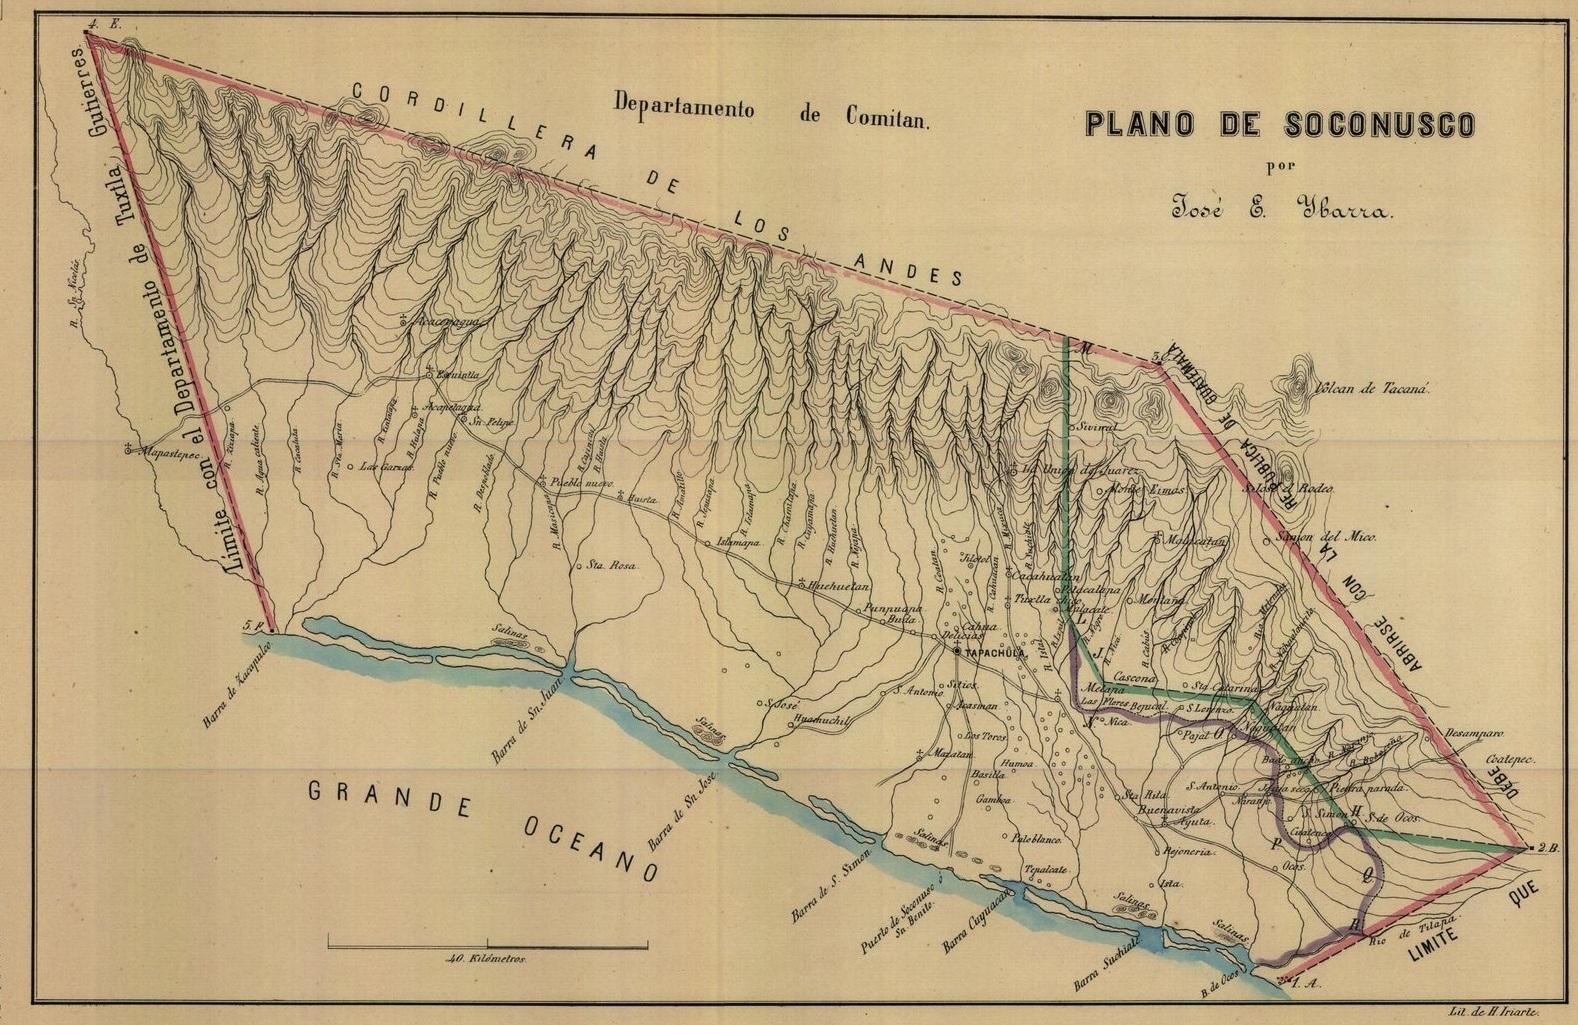 Map 2 - Map of the Soconusco, 1872.    Source: Plano del Soconusco, by José E. Ibarra, 1872. Mapoteca Manuel Orozco y Berra, Colección General, Estado de Chiapas, No. 399a-cGe-7274-p.  Reprinted with permission.  [click for larger image]